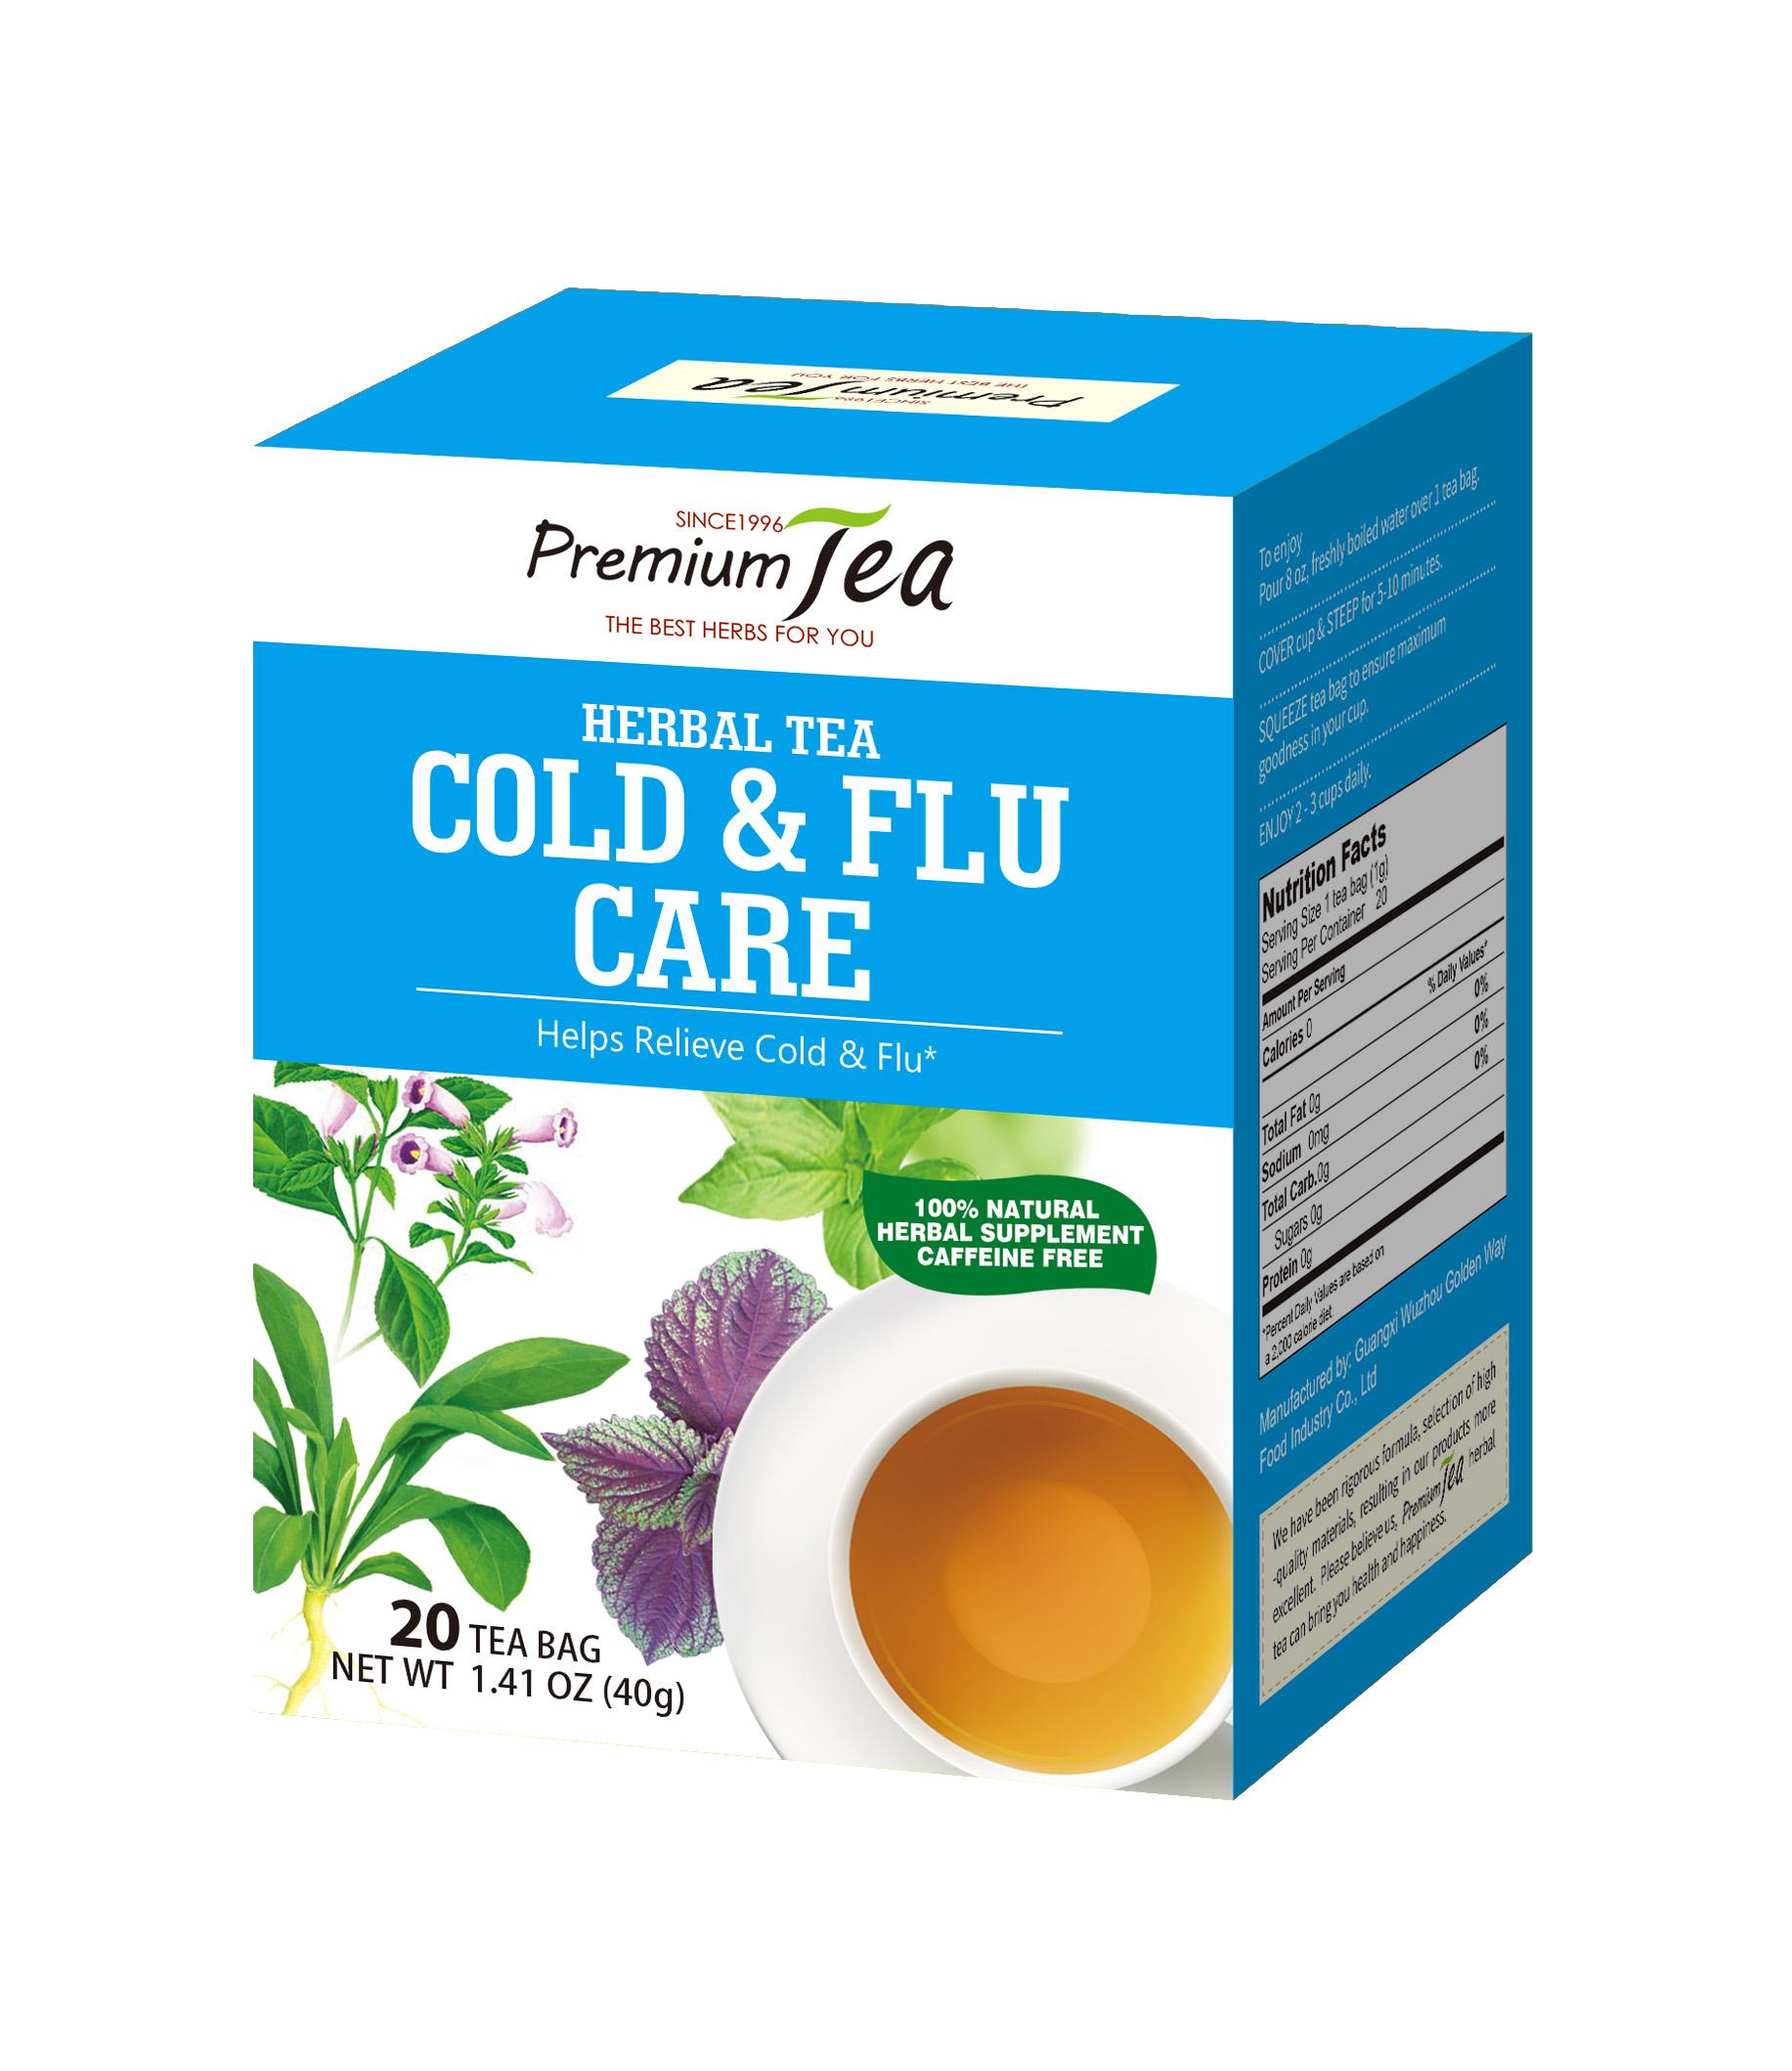 Herbal Cold & Flu Tea to Relieve coldness - 4uTea   4uTea.com